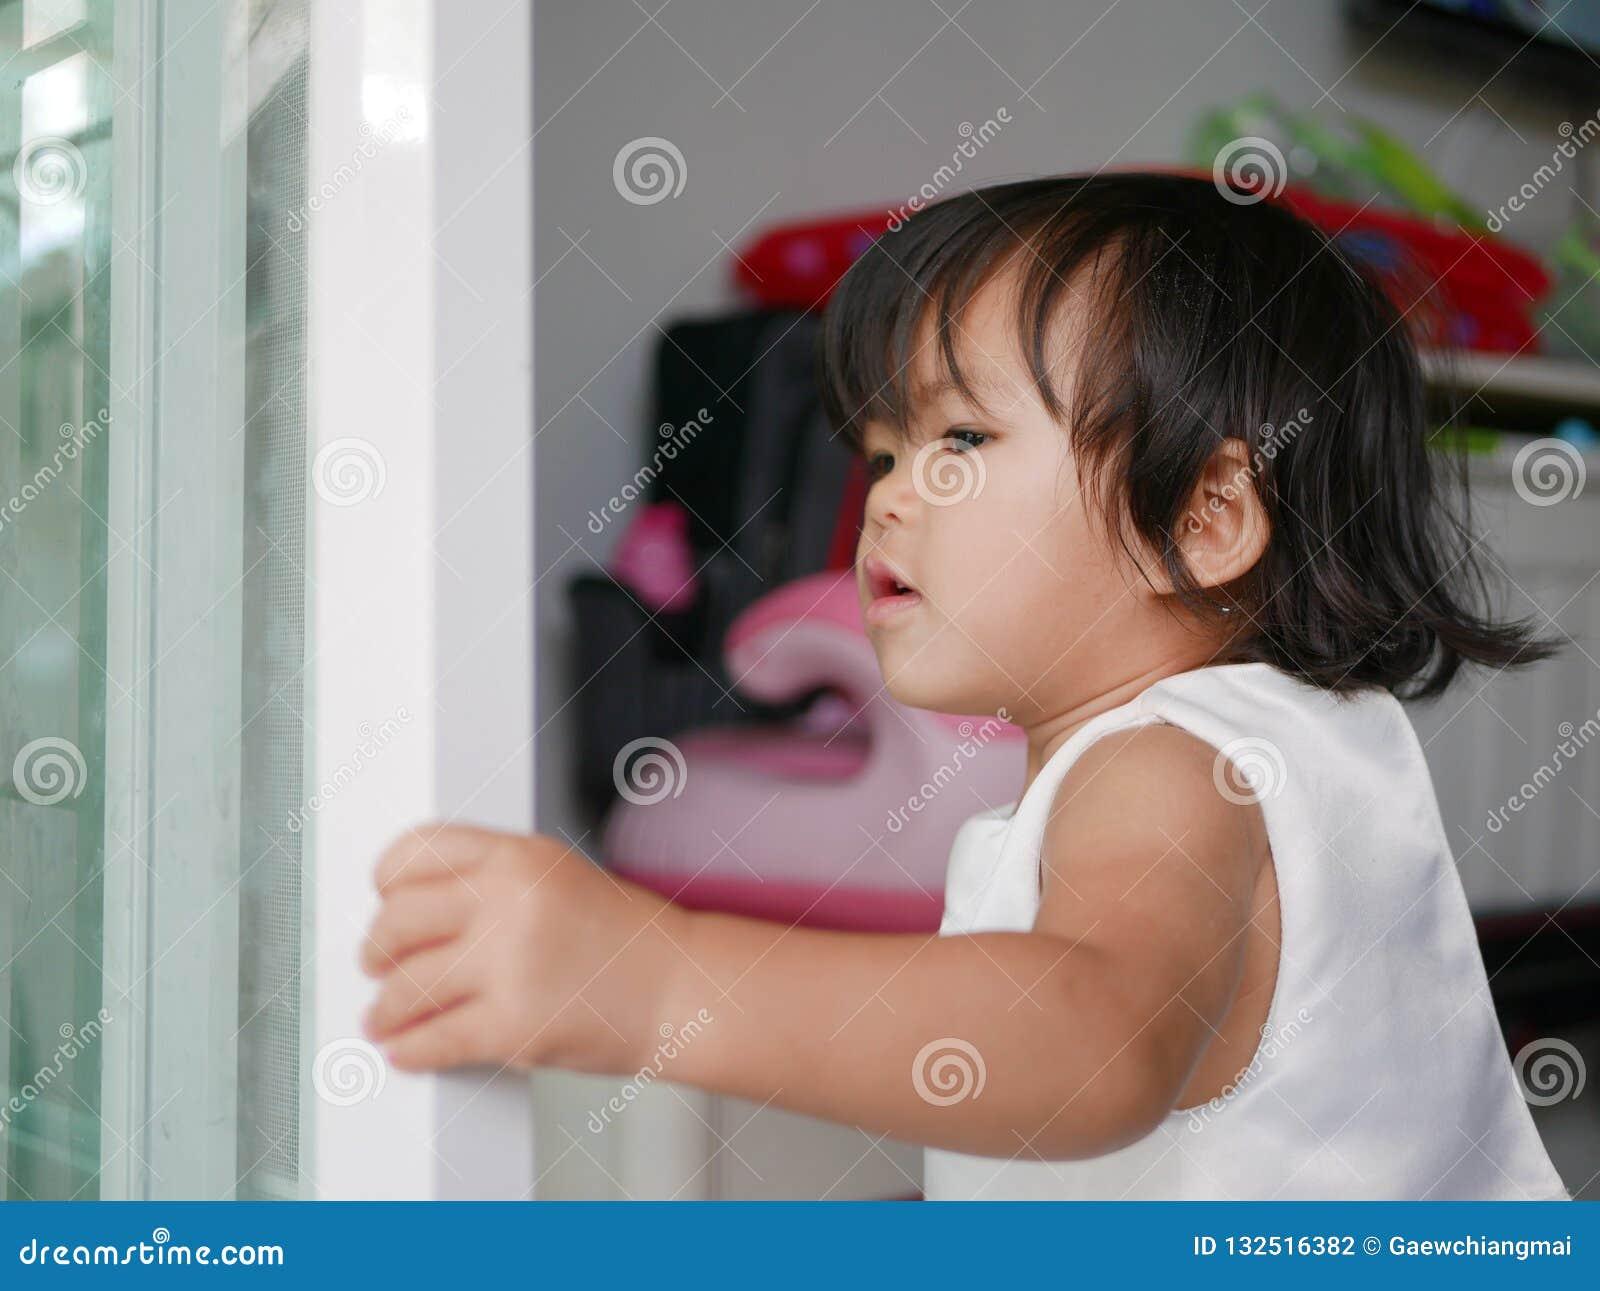 Peu bébé asiatique apprenant à fermer/porte coulissante étroite seule